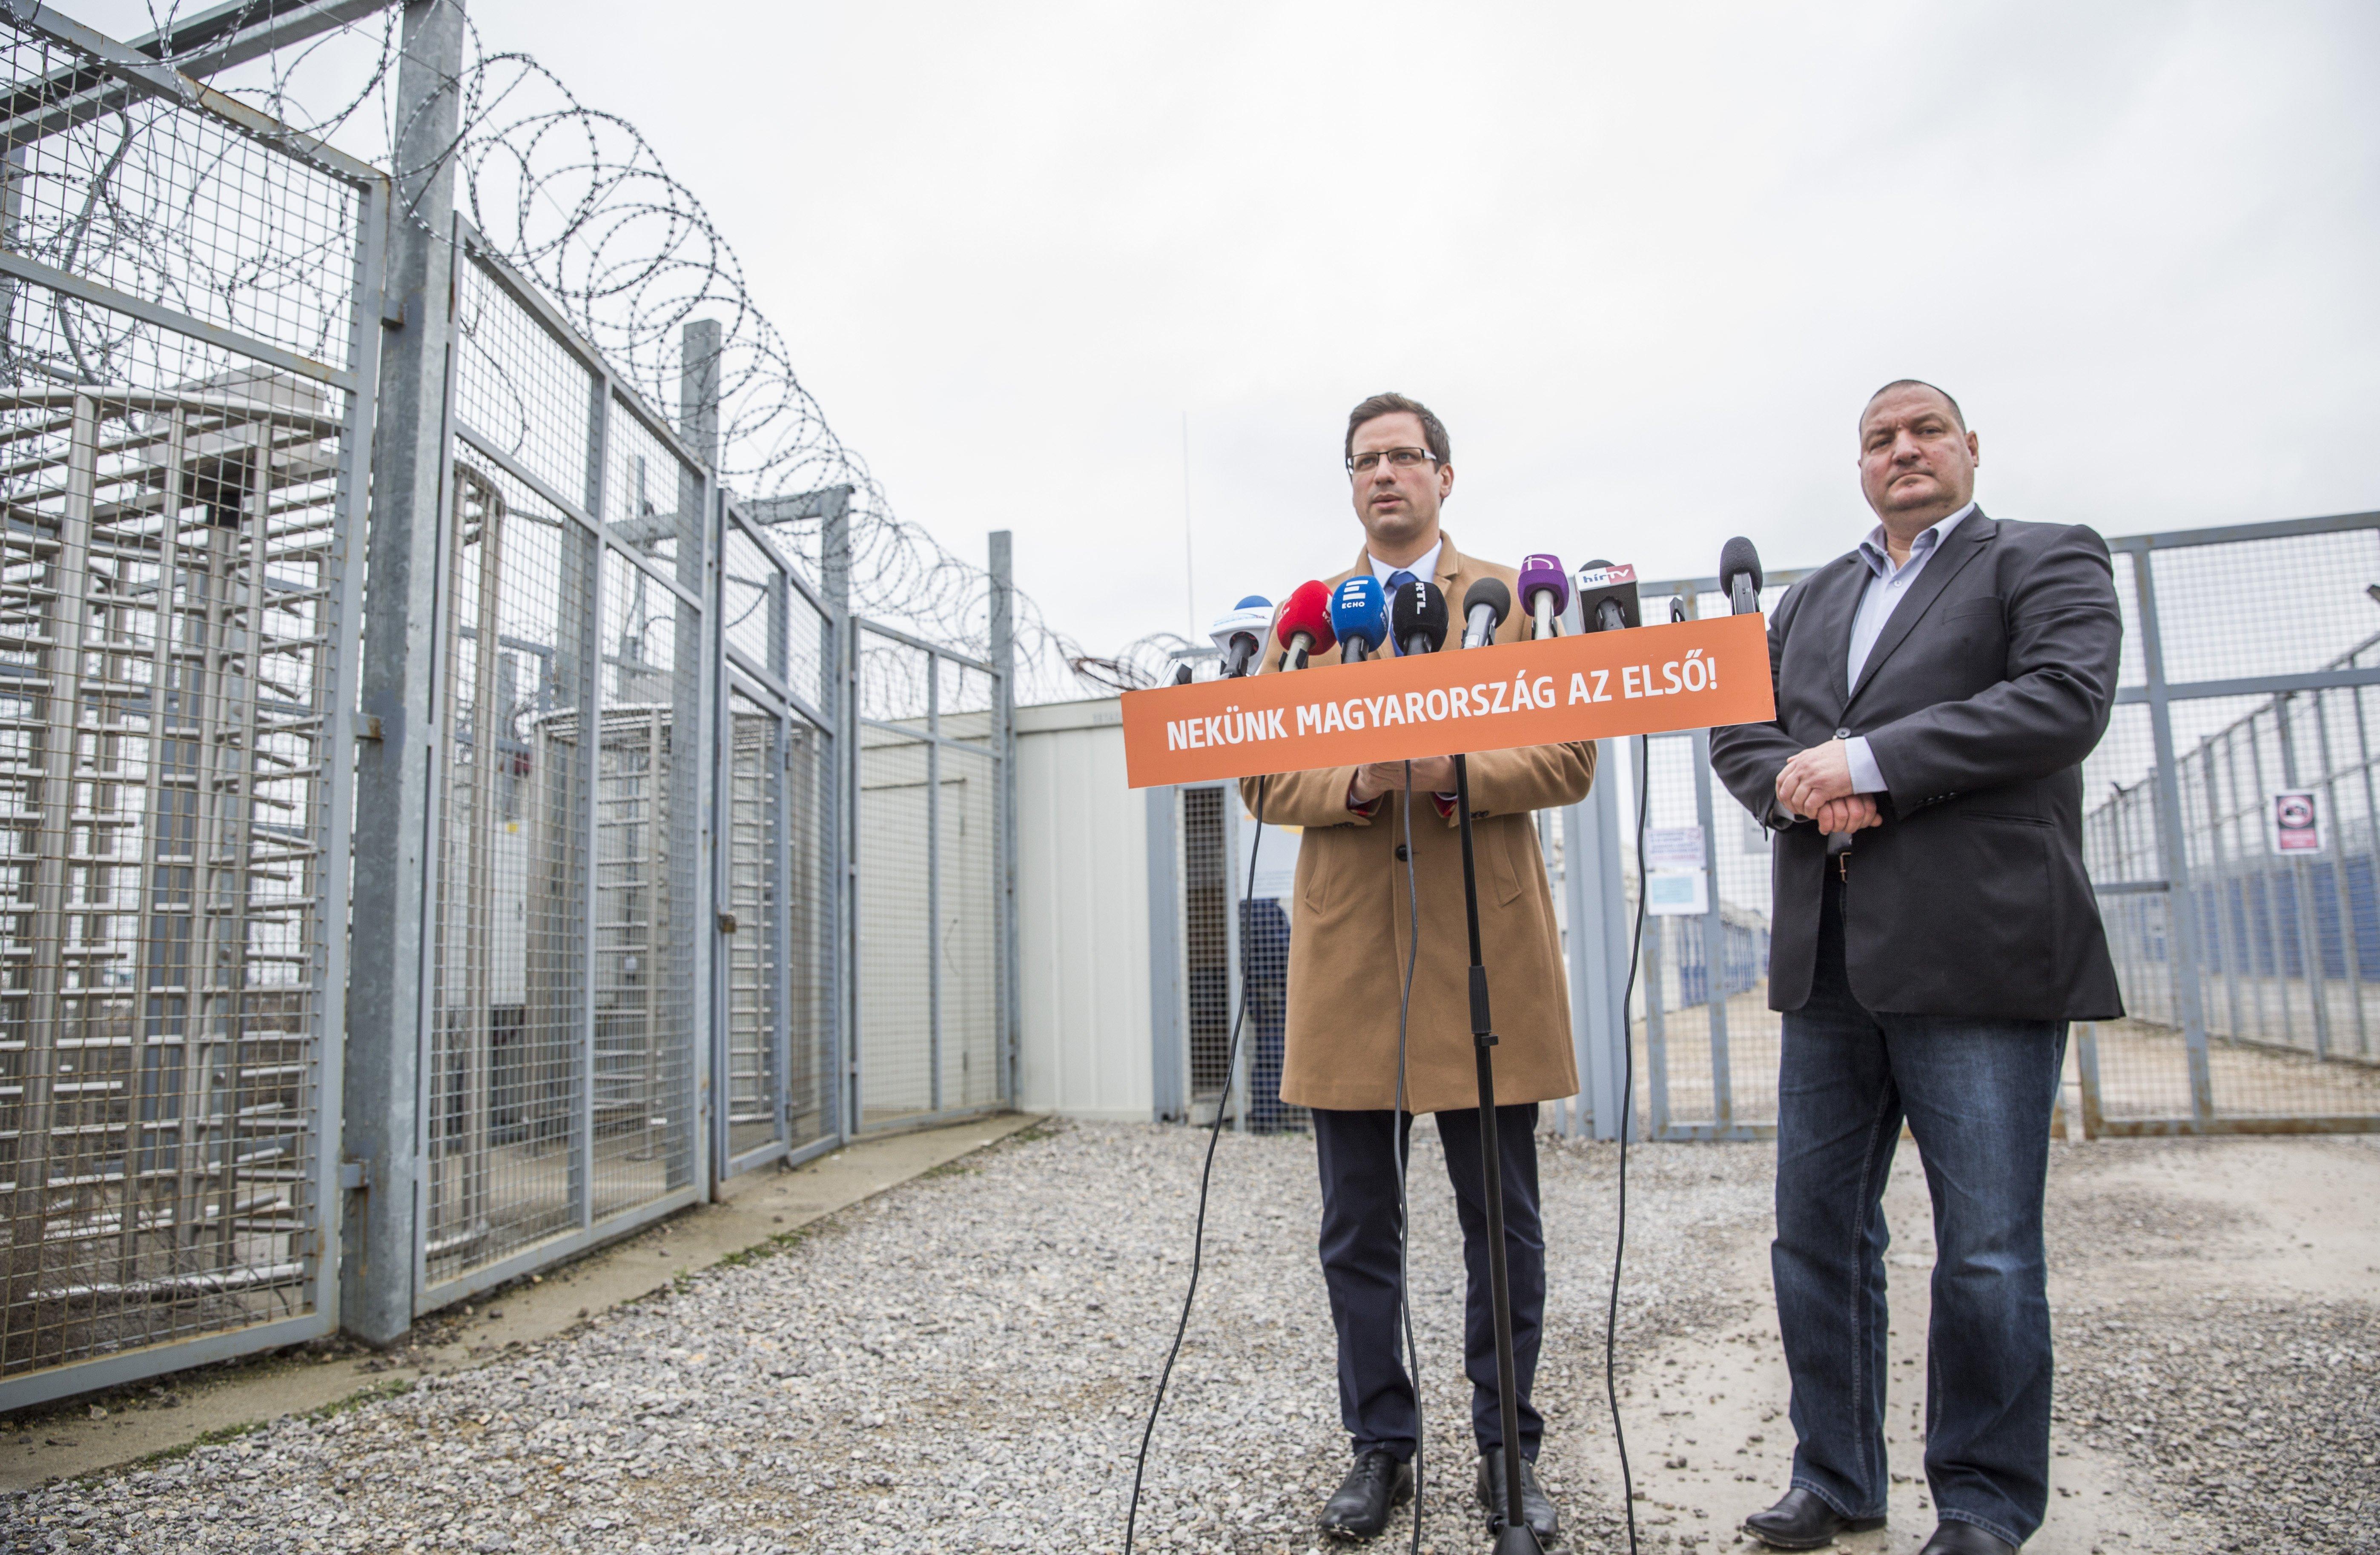 Rendőrség: nem ütközik a magyar joggal a külföldiek éheztetése a tranzitzónában